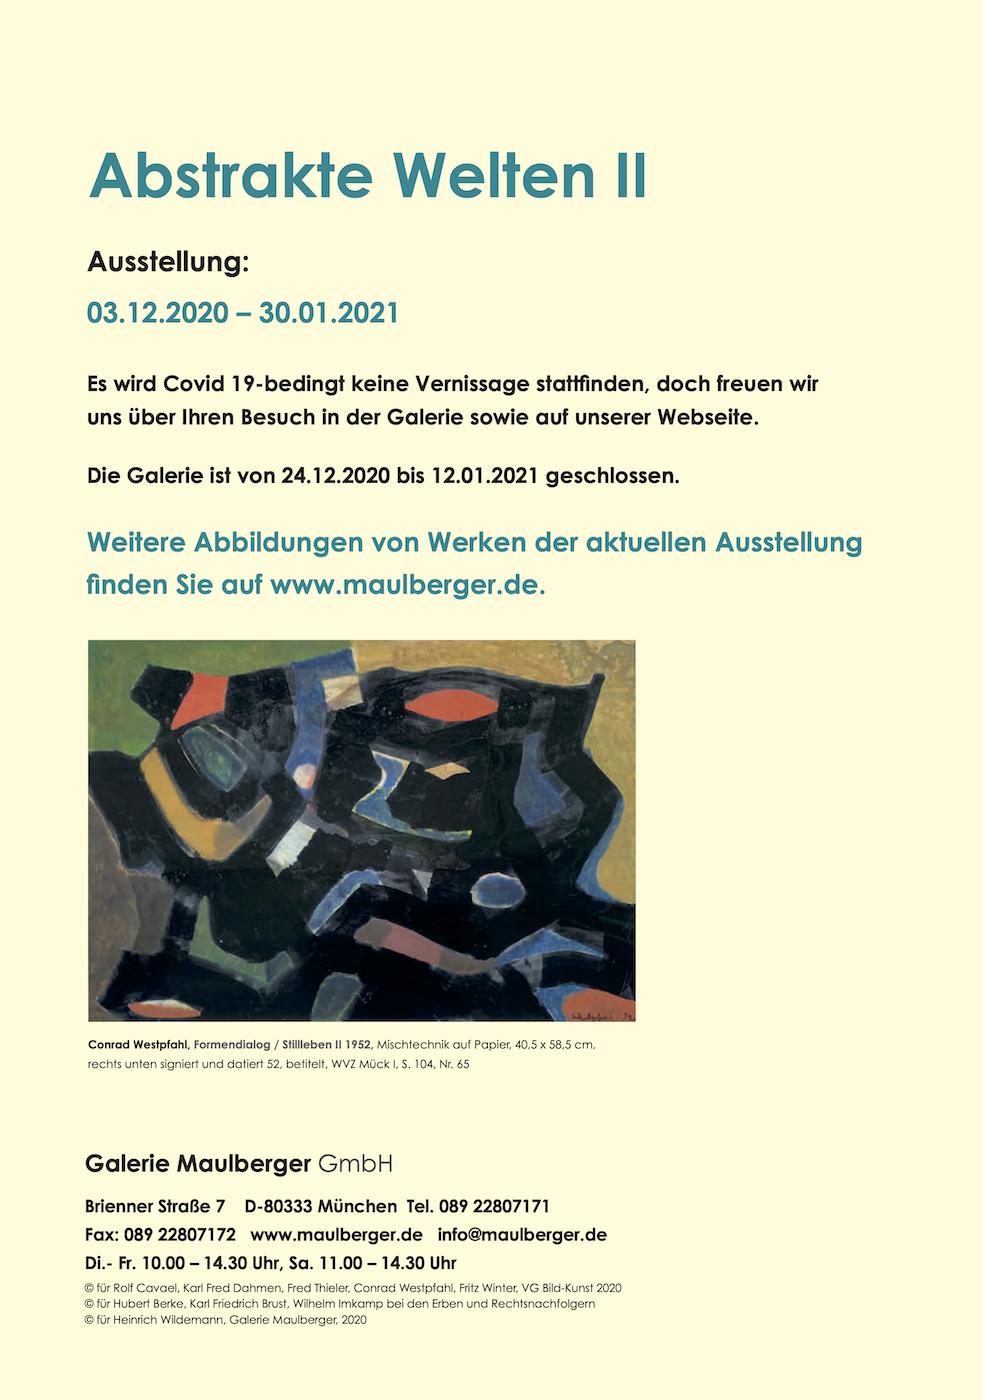 Einladungskarte Ausstellung Abstrakte Welten II 2020/2021 Galerie Maulberger 06